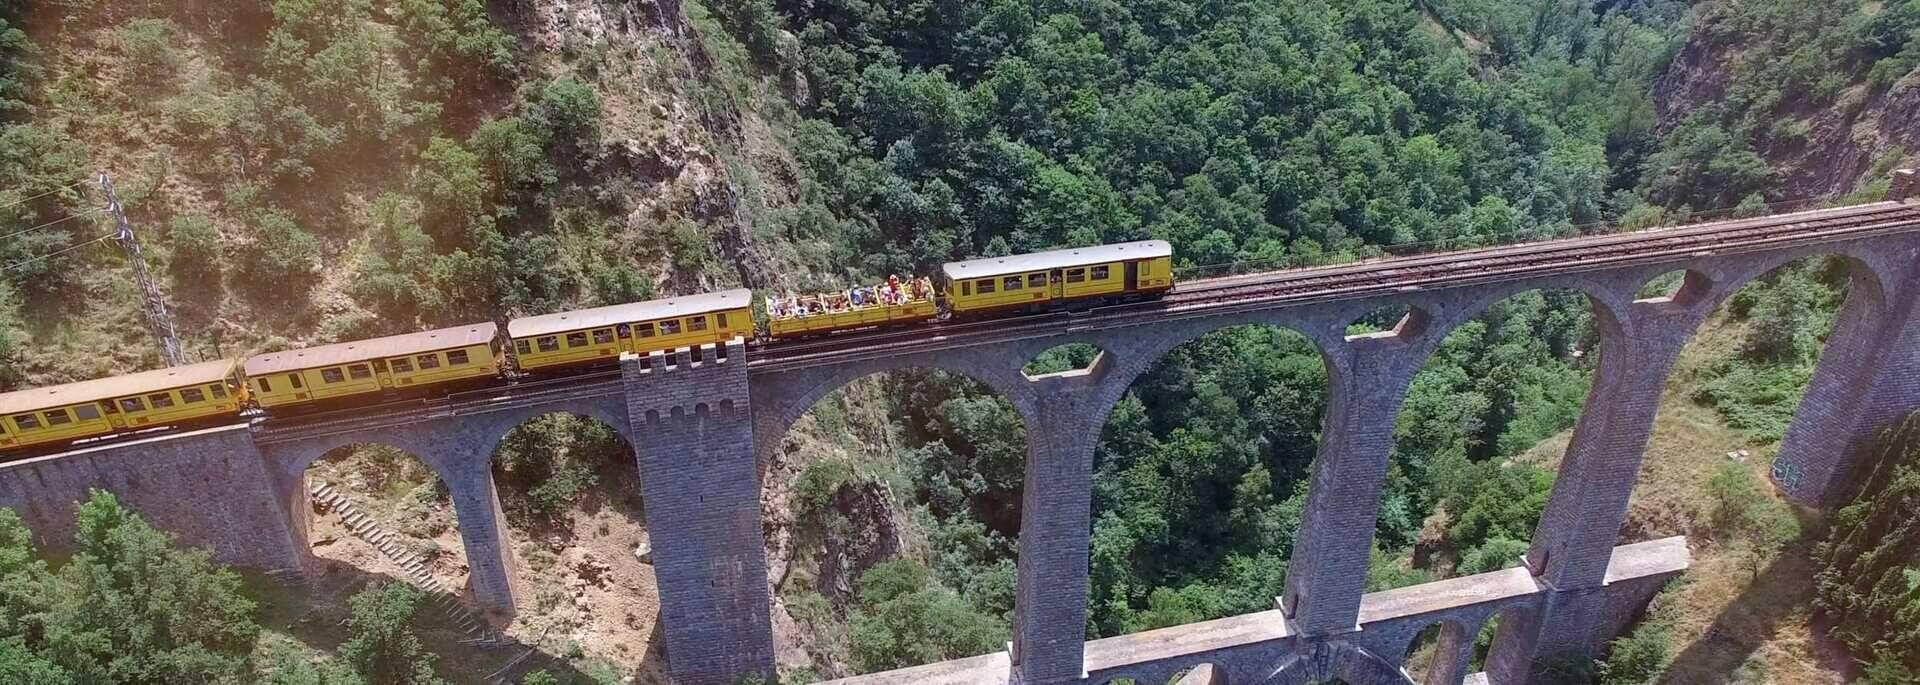 Le Train Jaune sur le Pont Séjourné crédit photo go-production.com